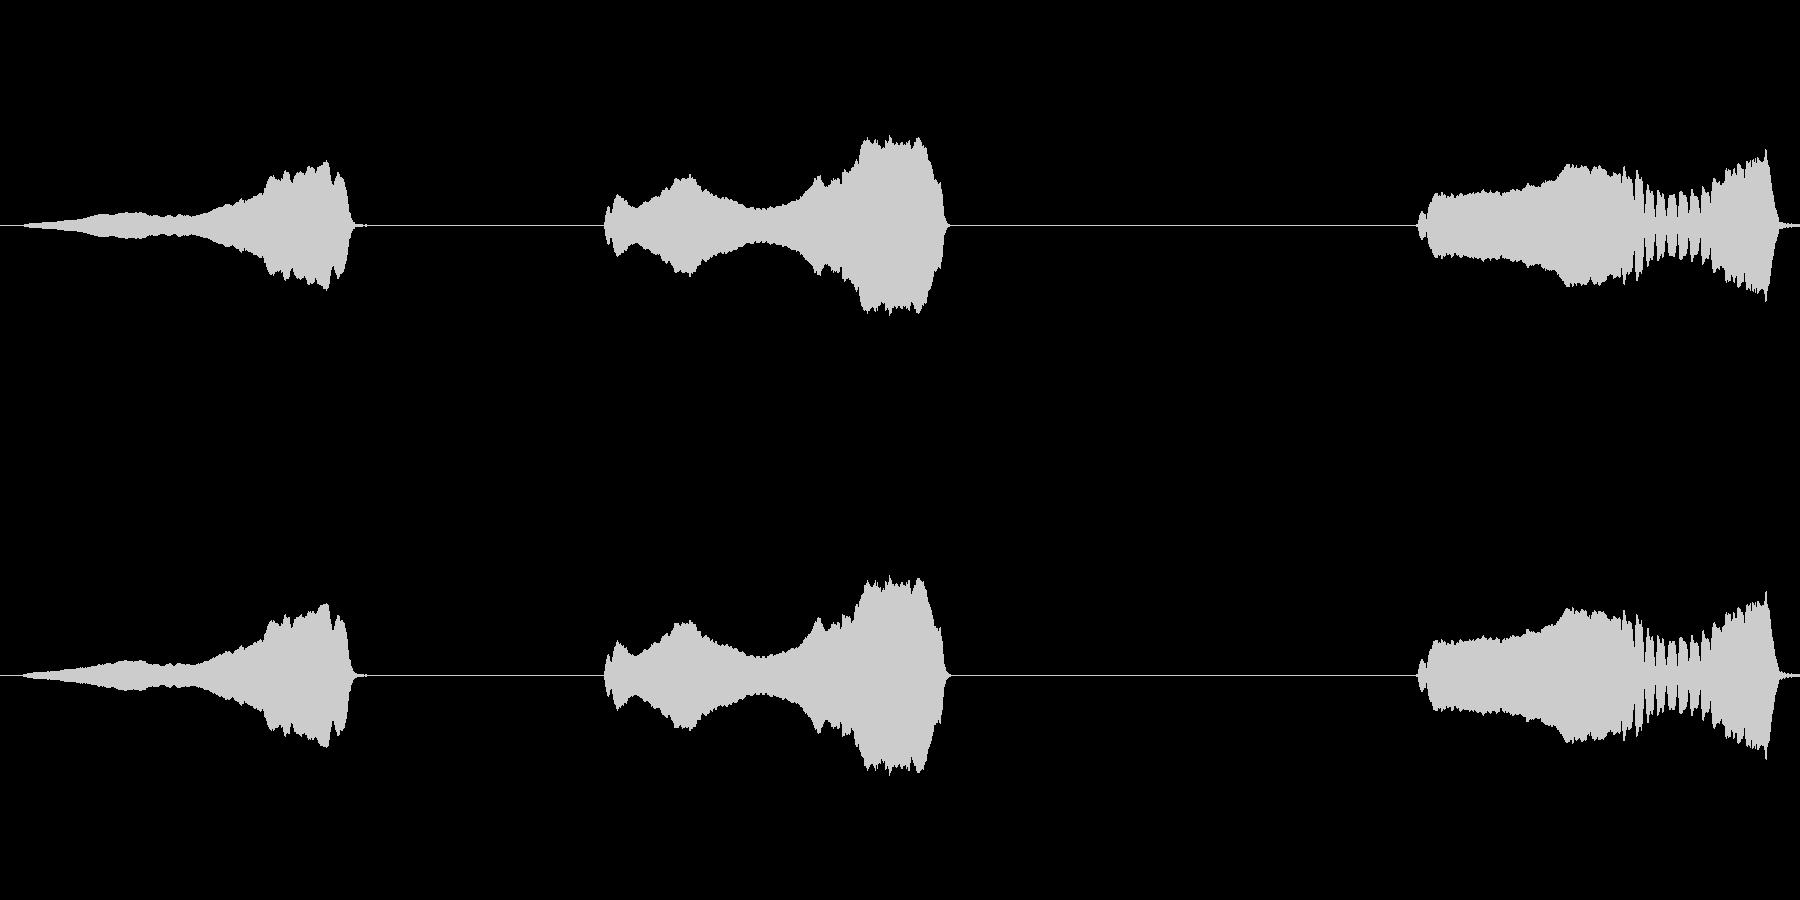 クレステッドラーク:3つの呼び出し...の未再生の波形